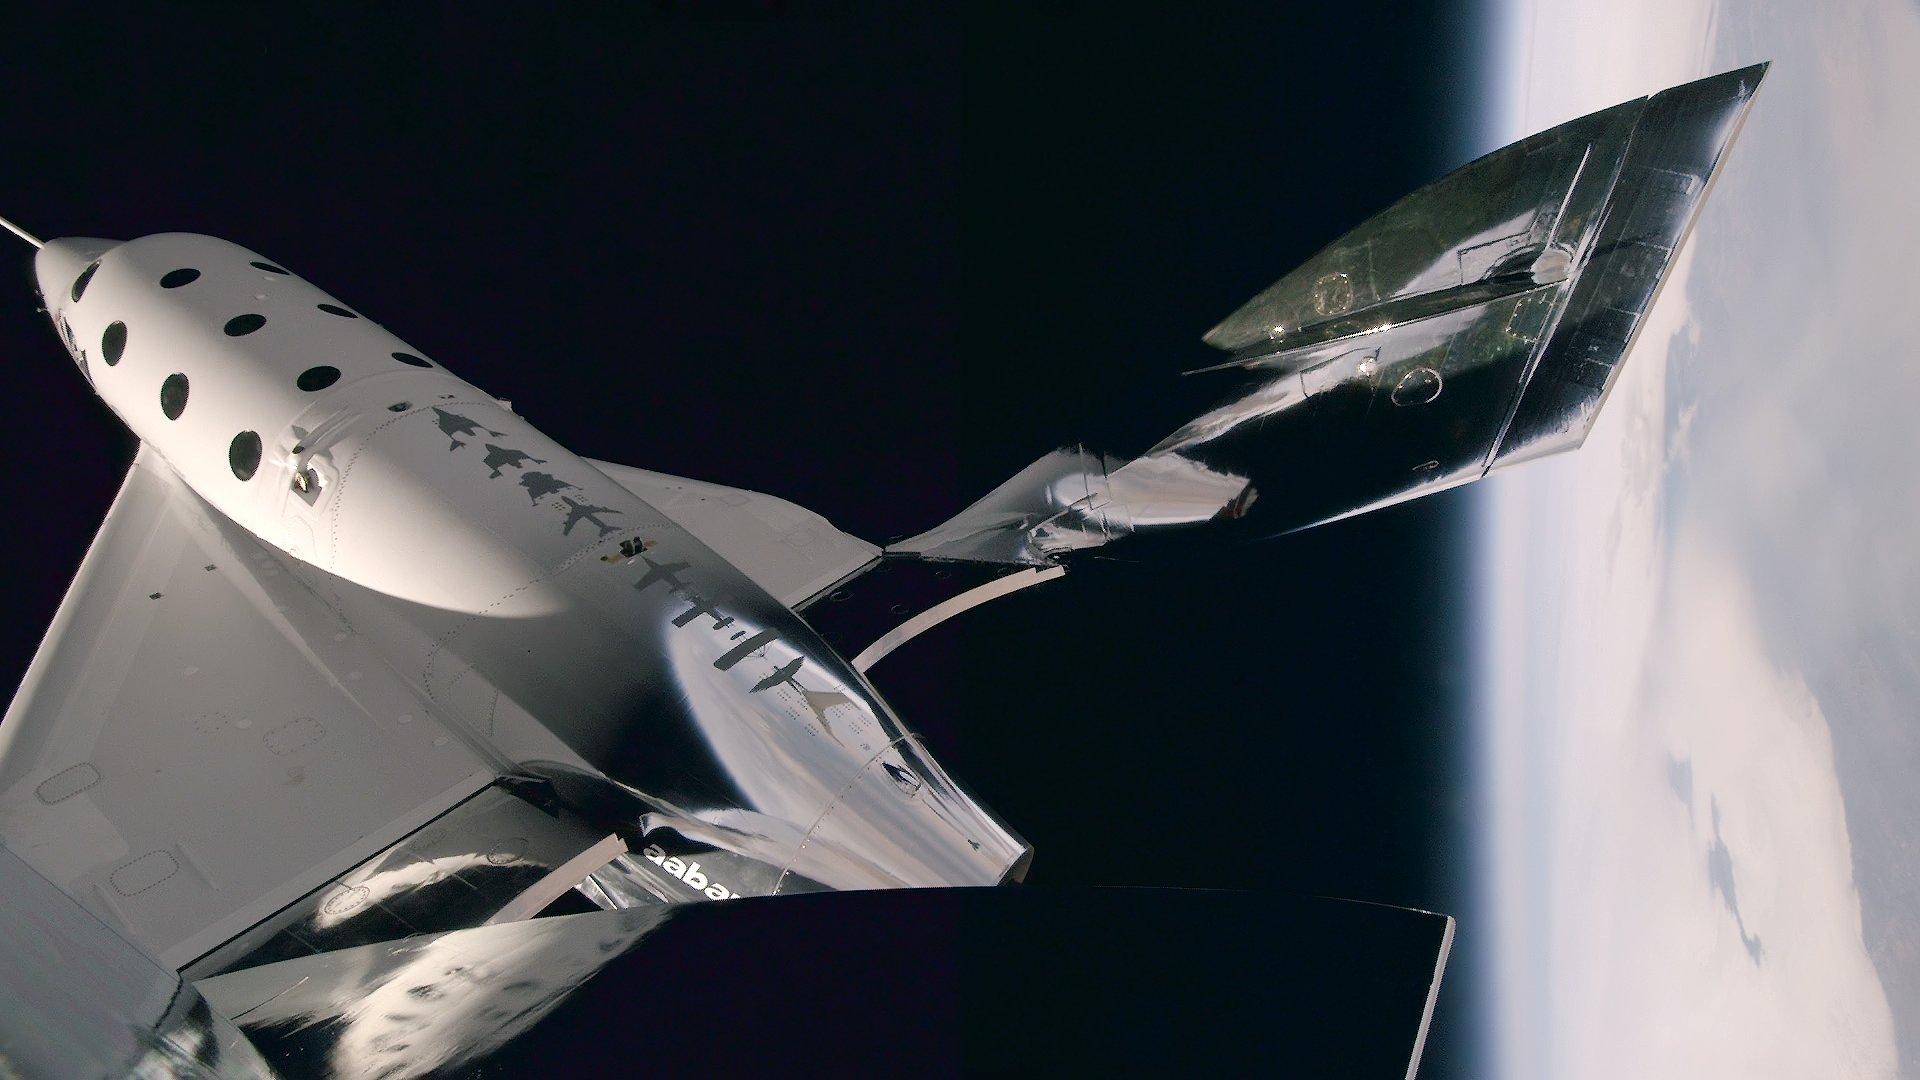 Космоплан VSS Unity совершил третий полет и поднялся на рекордную высоту в 52 км - ITC.ua